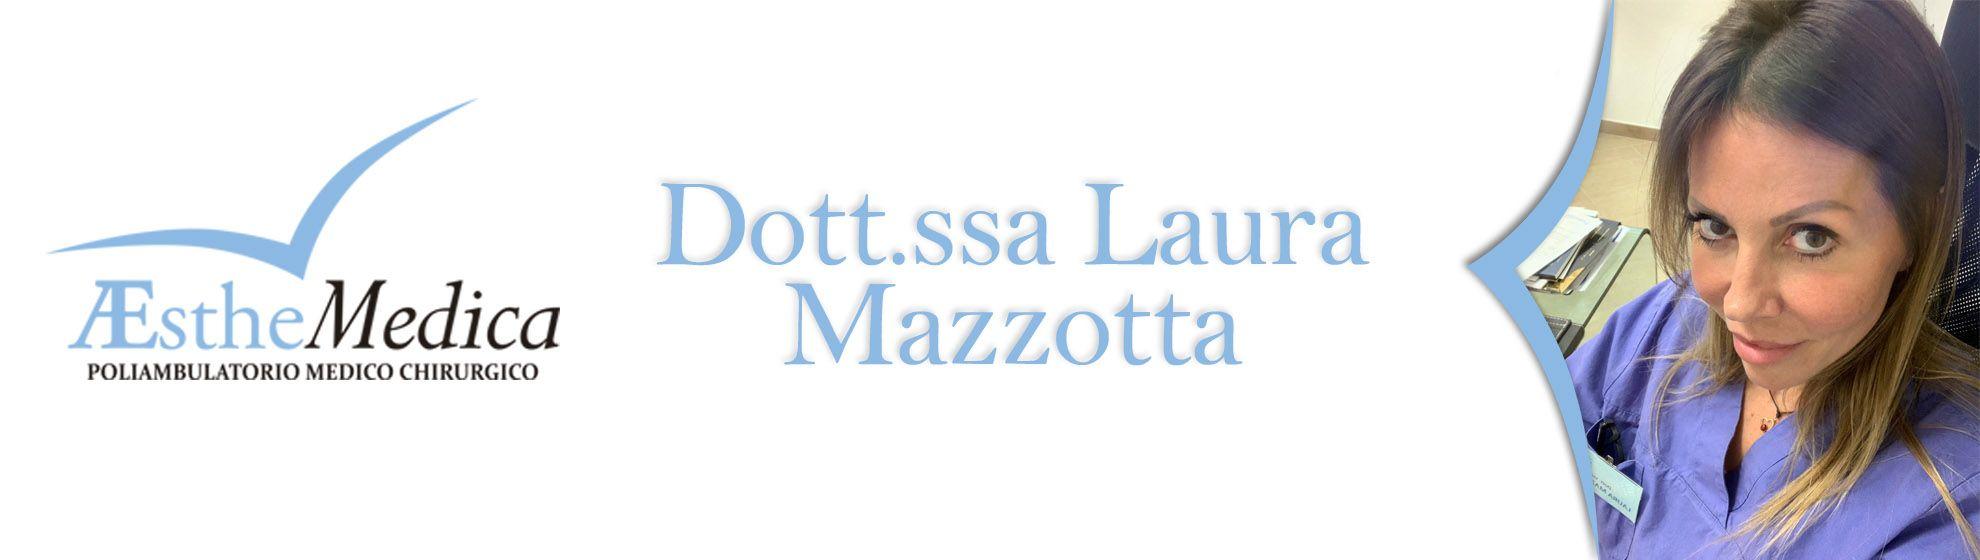 Dott.ssa Laura Mazzotta